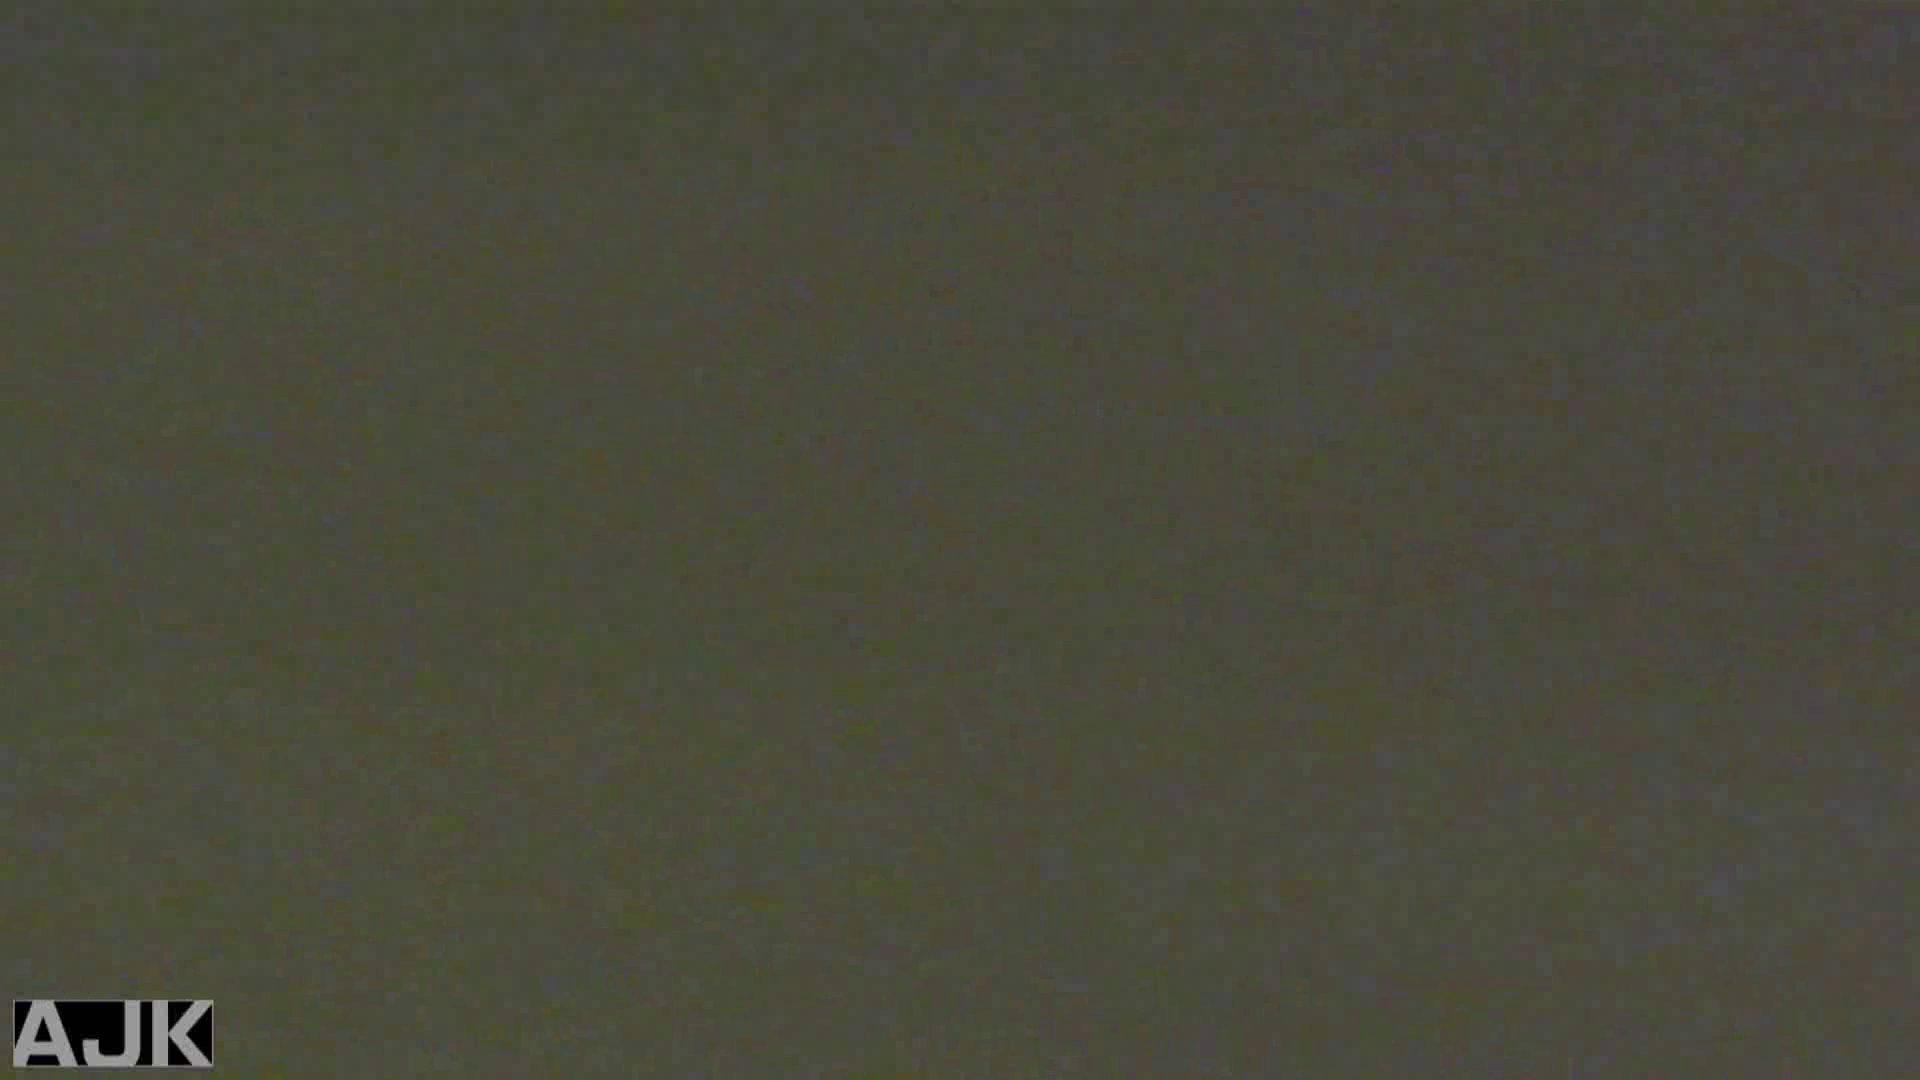 神降臨!史上最強の潜入かわや! vol.03 たまらん肛門 われめAV動画紹介 77連発 17